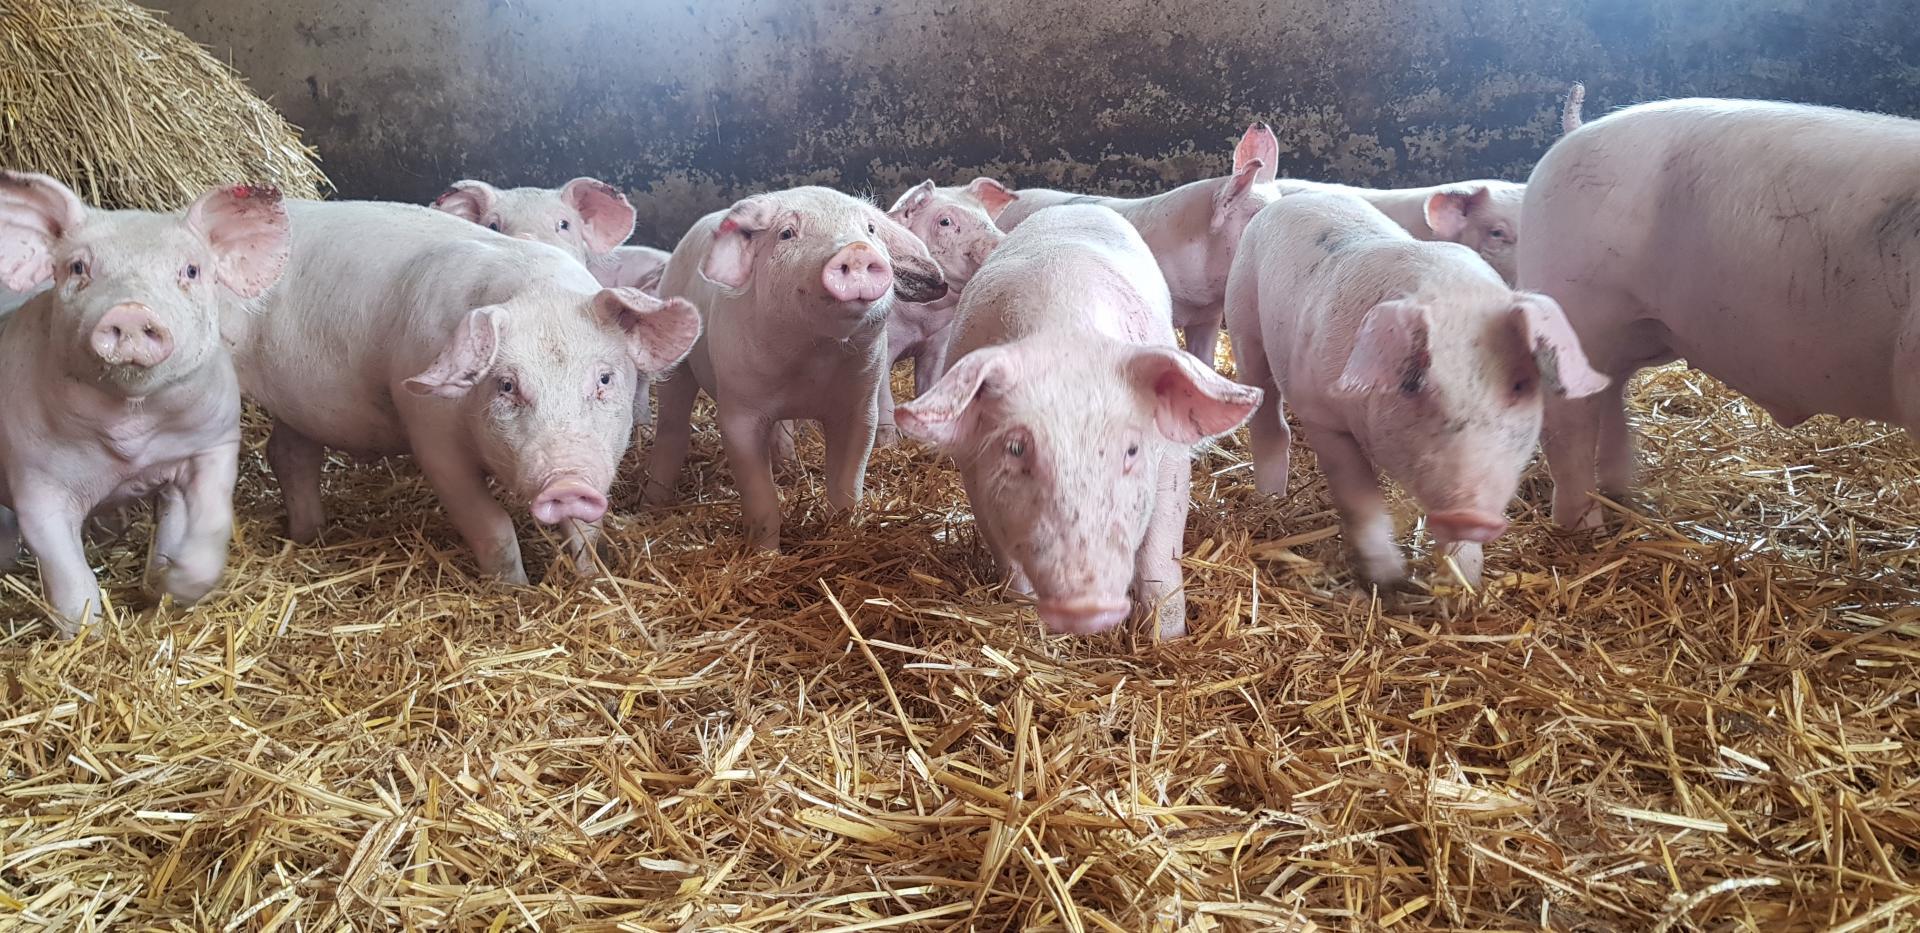 Porcs fermier eleves sur paille steenwerck